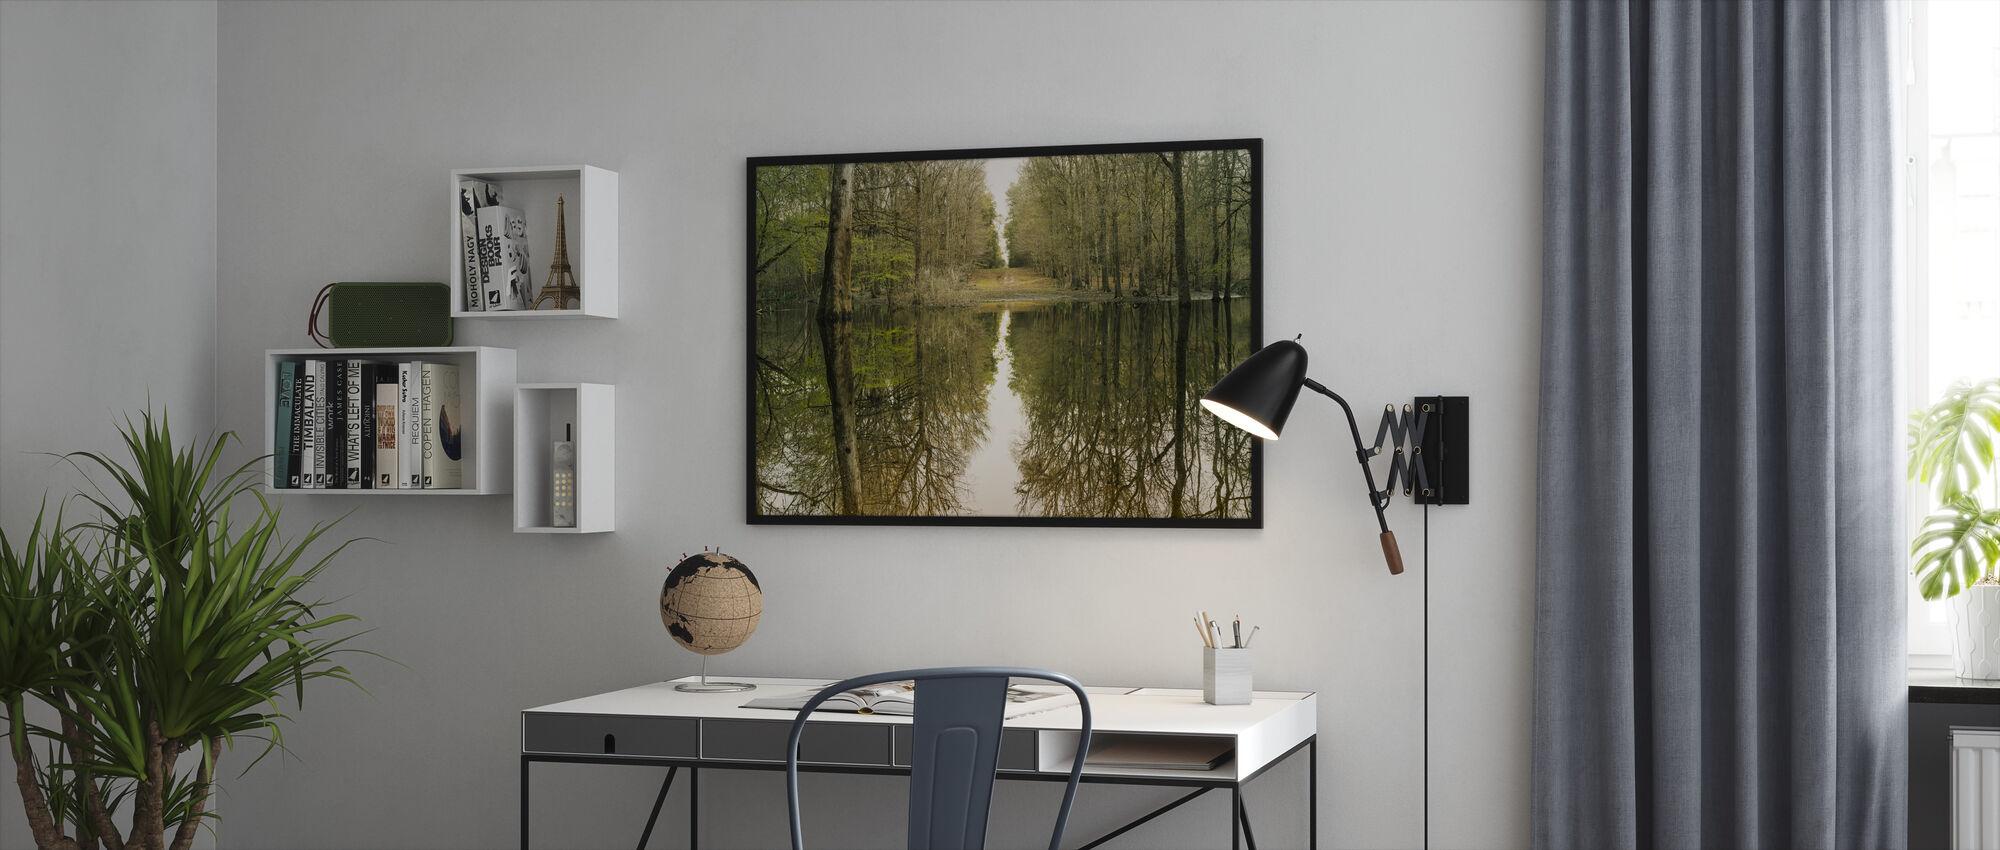 Suwanne heijastus panoraama - Kehystetty kuva - Toimisto